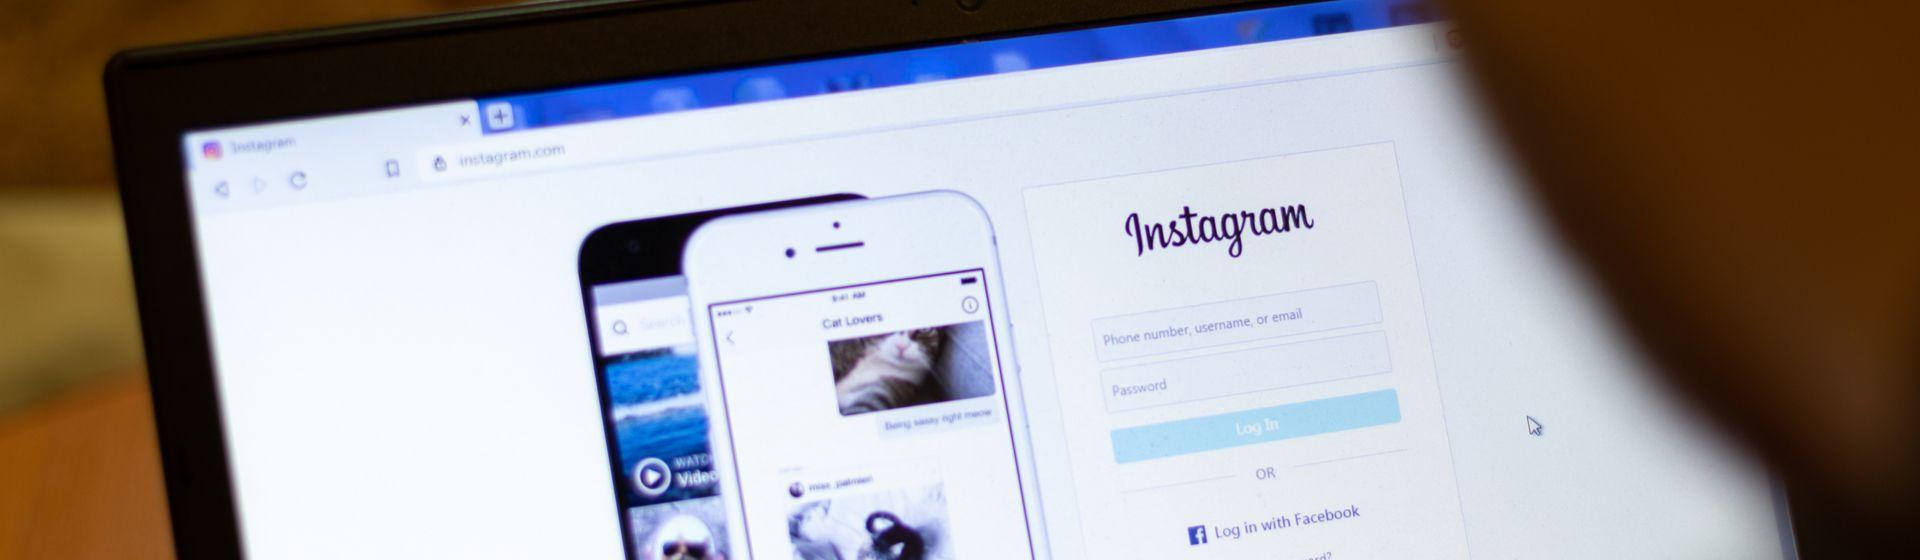 Instagram Web: como usar a versão do app no navegador